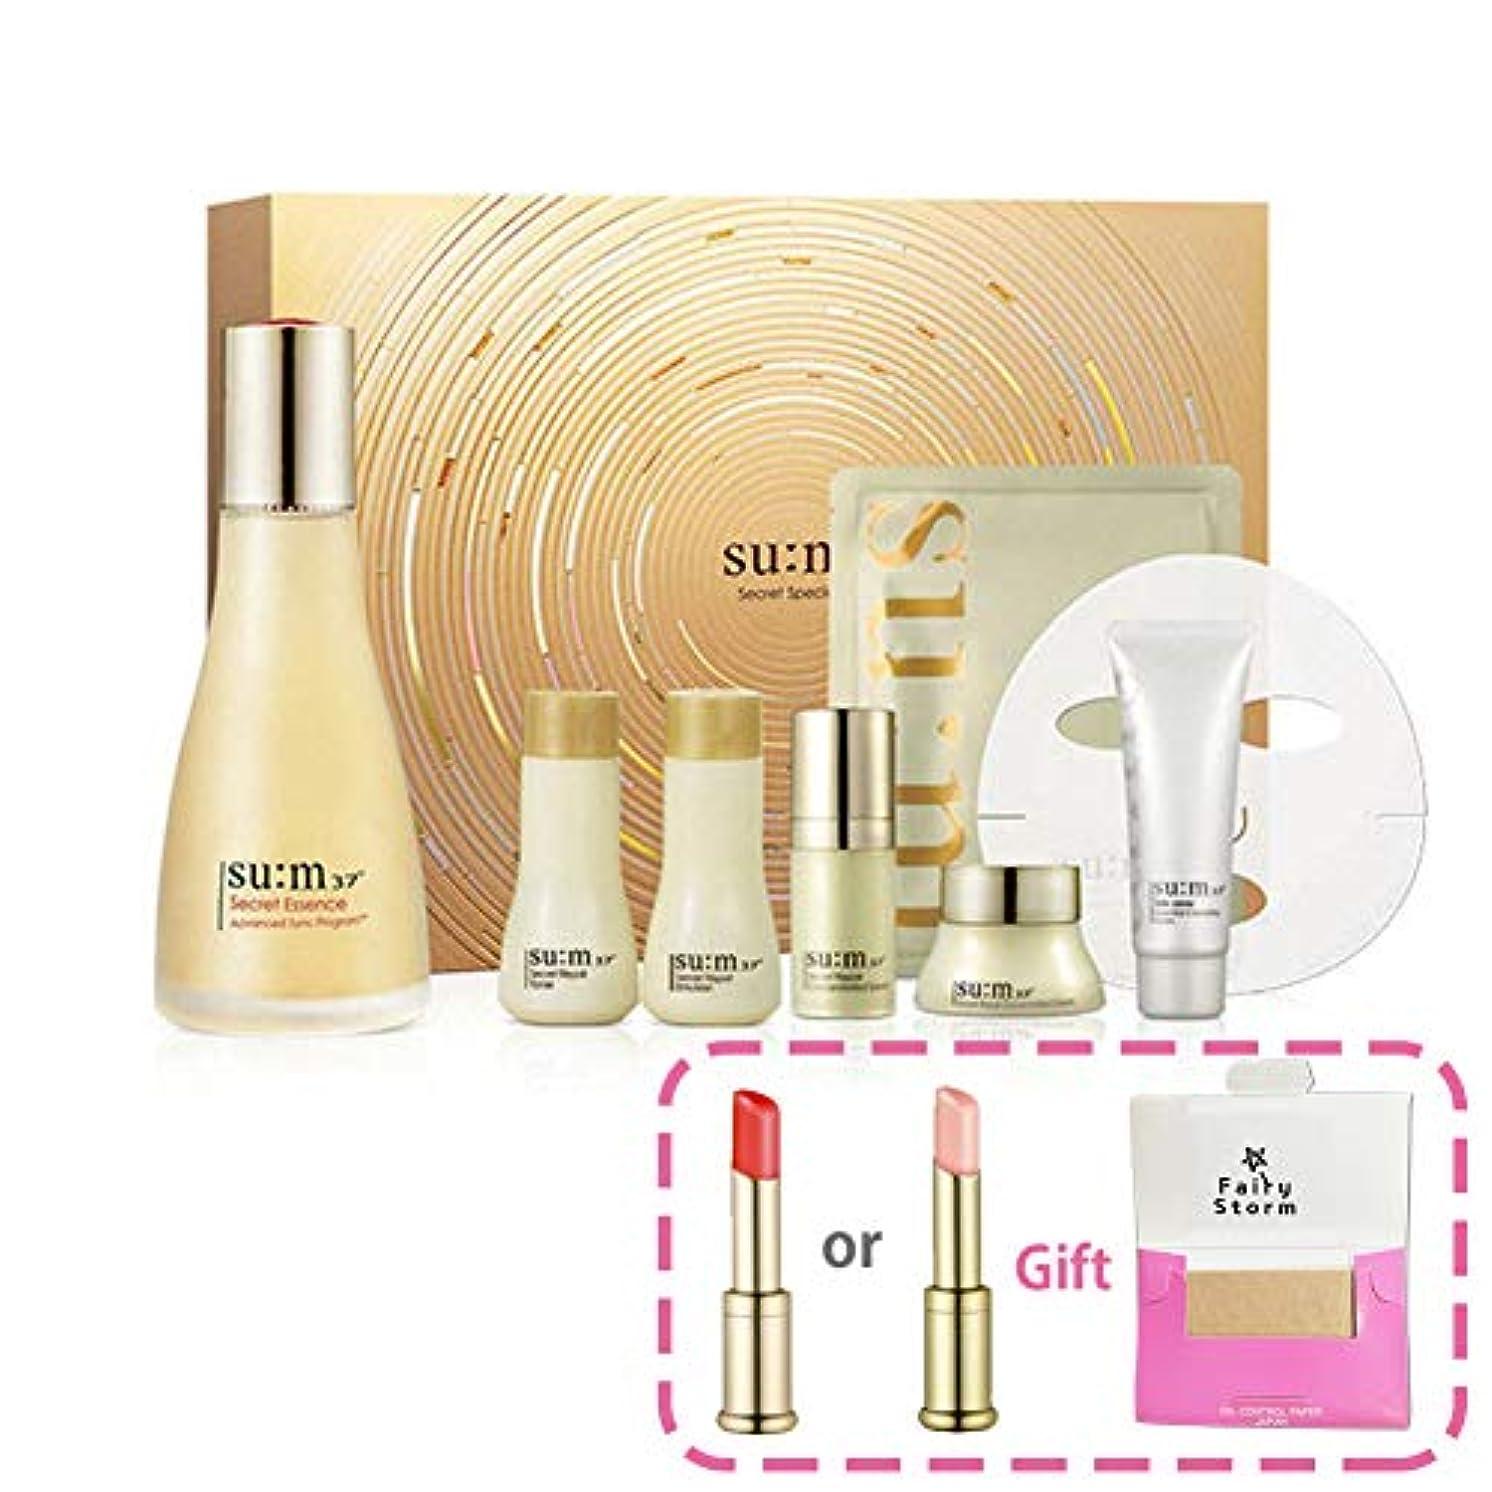 視聴者傾斜十二[su:m37/スム37°] SUM37 Secret Essence SPECIAL 150ml Limited Edition/シークレットエッセンススペシャルリミテッドエディション+[Sample Gift](海外直送品)